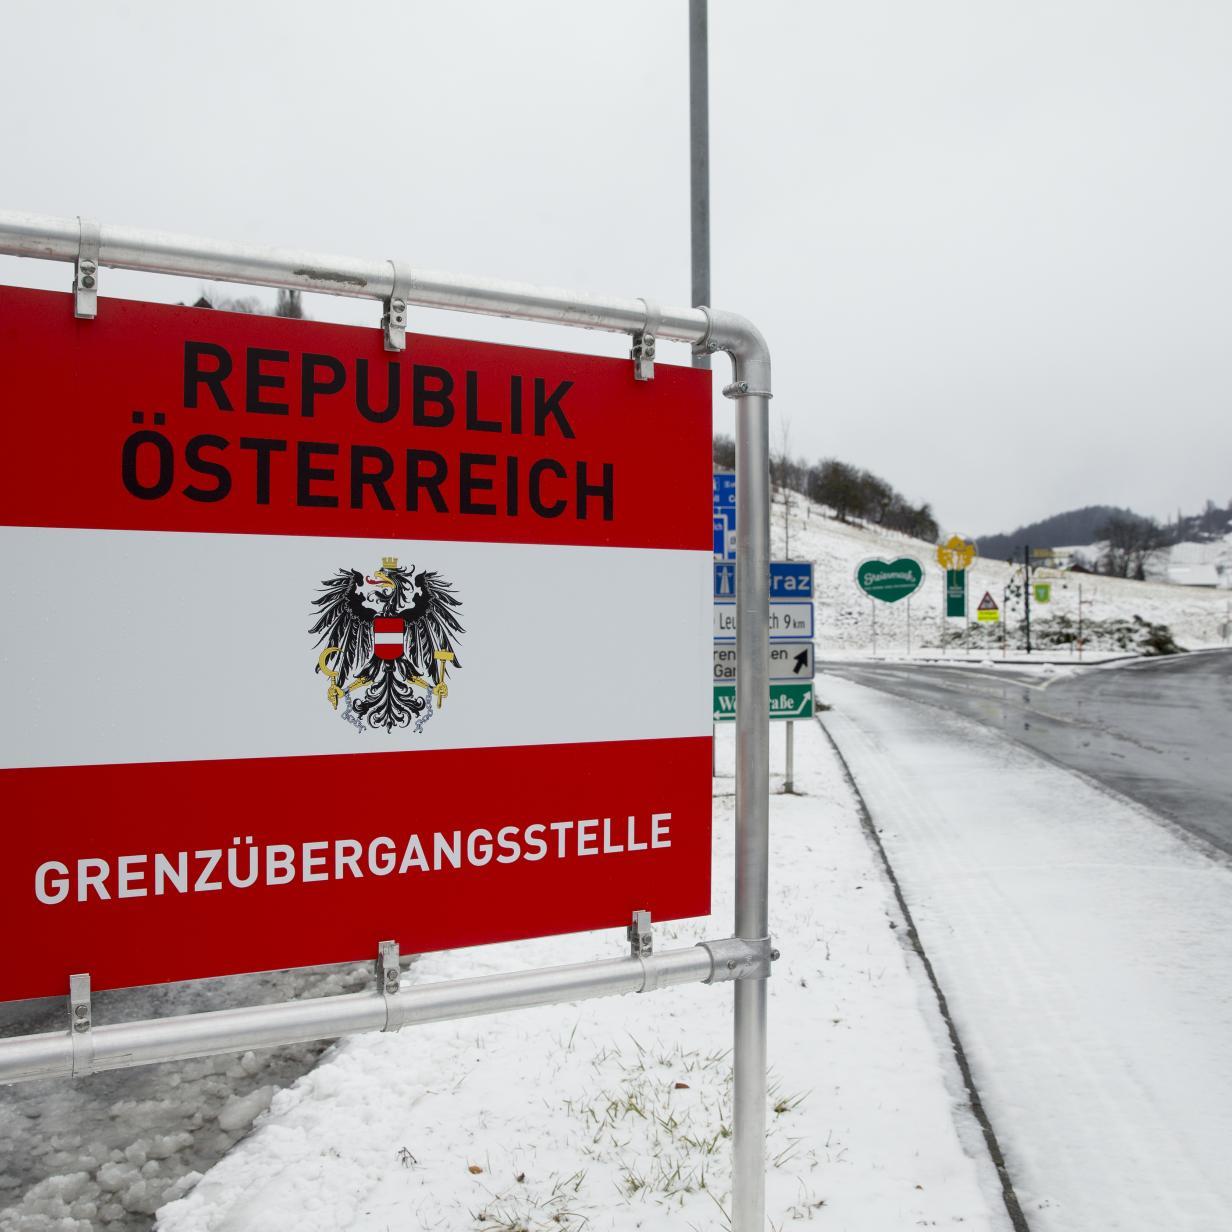 Flüchtlinge zwischen Farbdosen versteckt: In Wien aus Lkw gesprungen